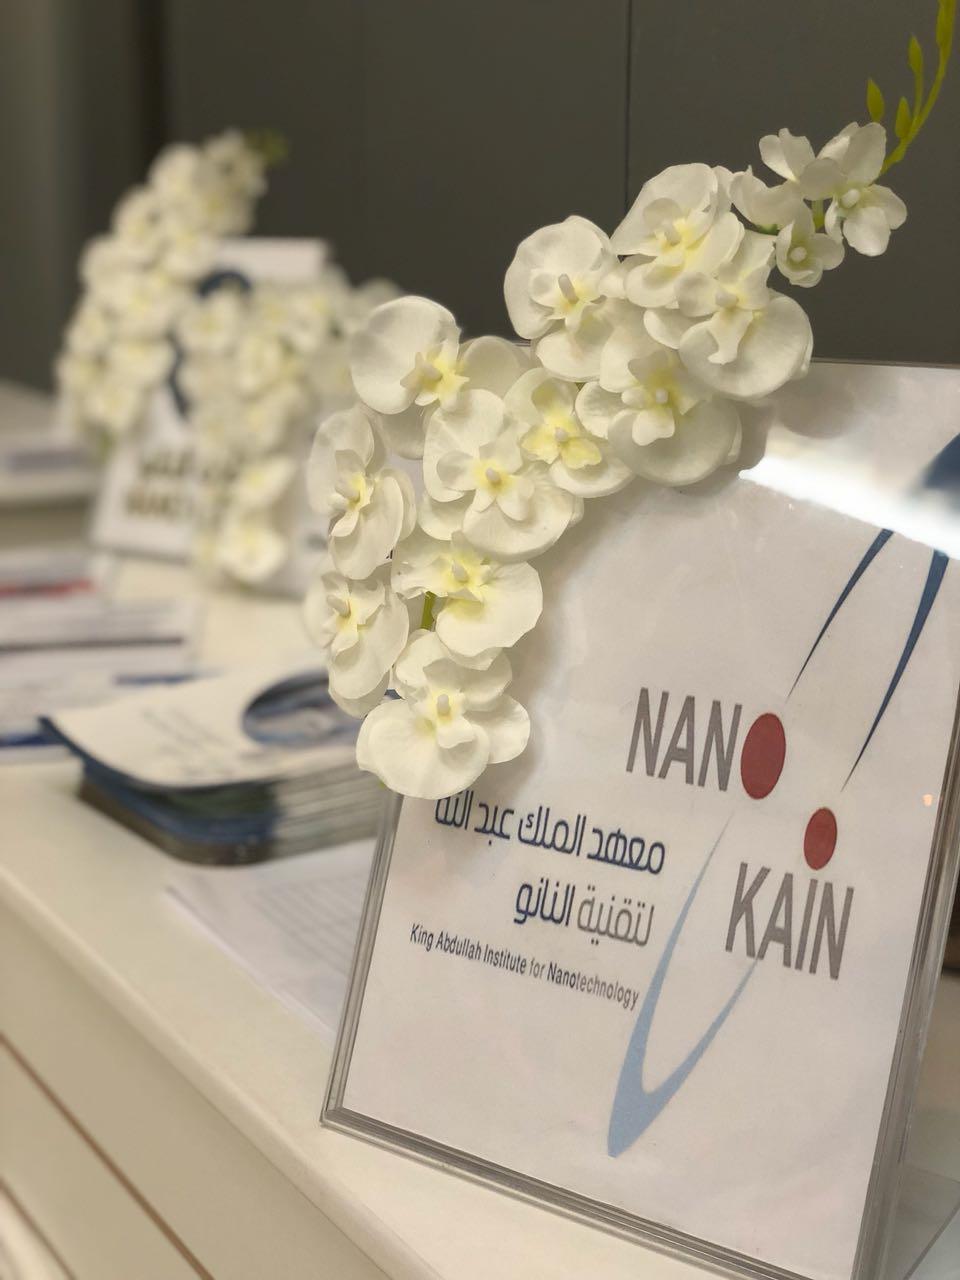 مشاركة معهد الملك عبدالله لتقنية النانو ببرنامج مساري